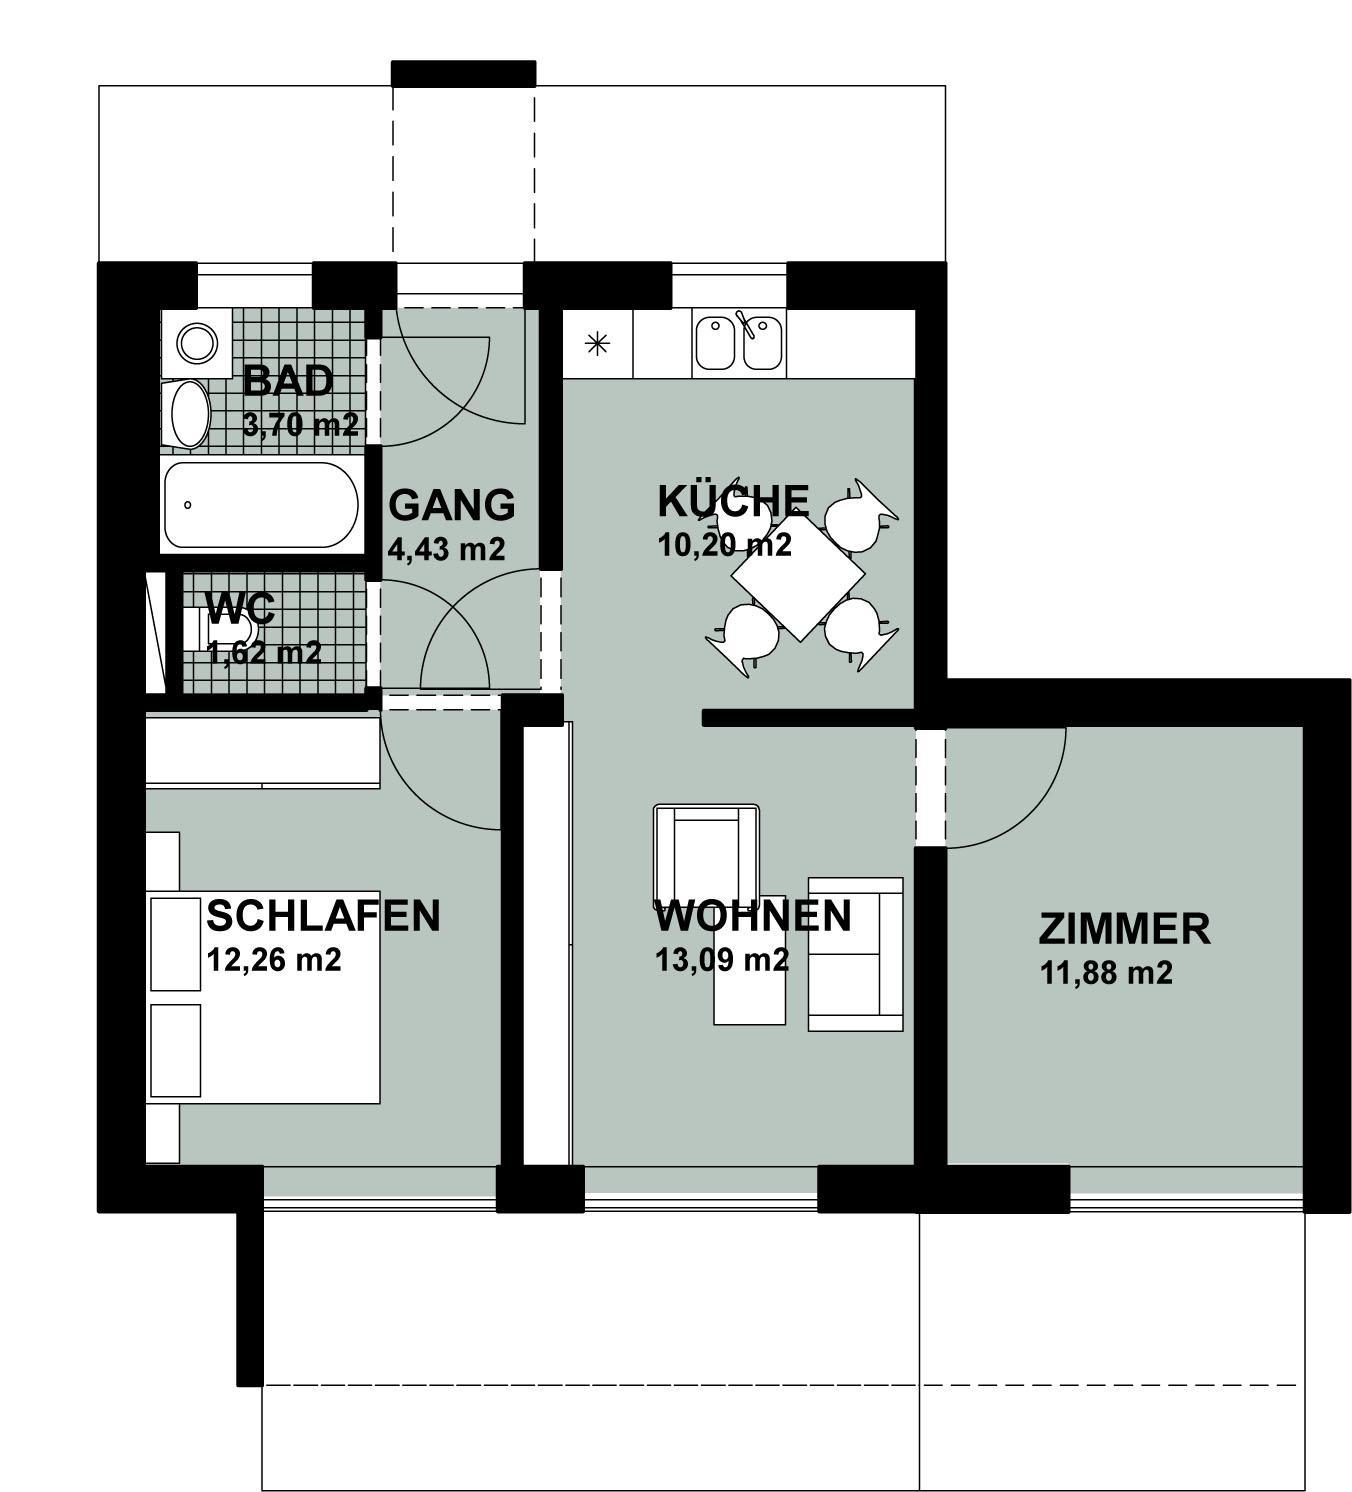 mietwohnung radlerweg top 1 wohnung mieten 4101 feldkirchen an der donau fahrner gmbh. Black Bedroom Furniture Sets. Home Design Ideas